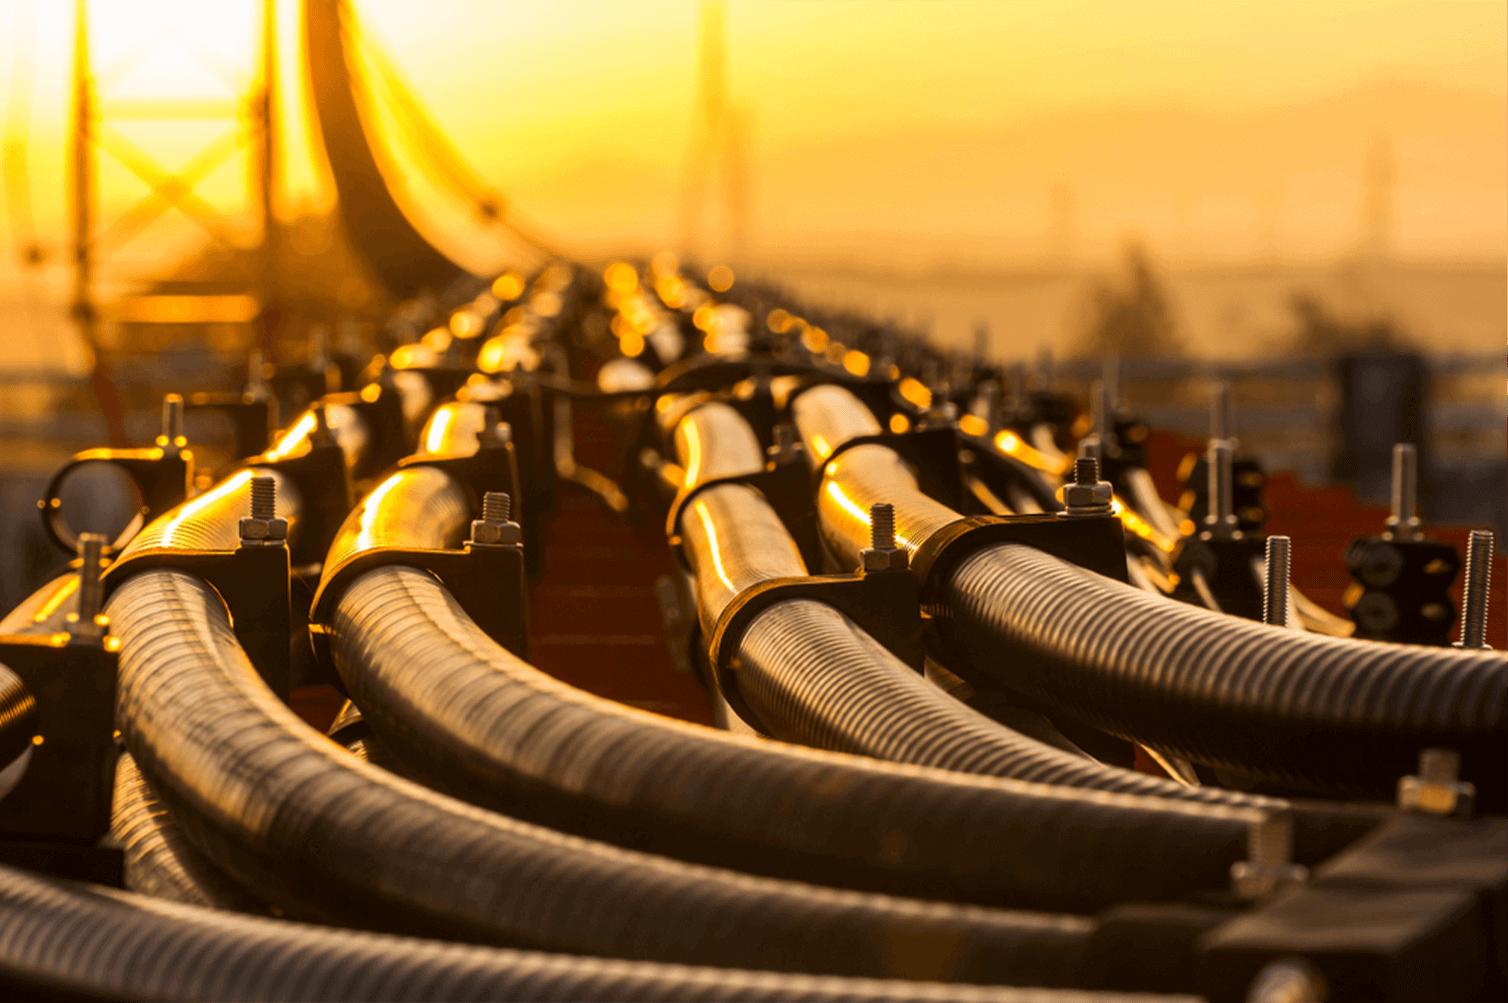 ارخص شركة عزل فوم باقطيف